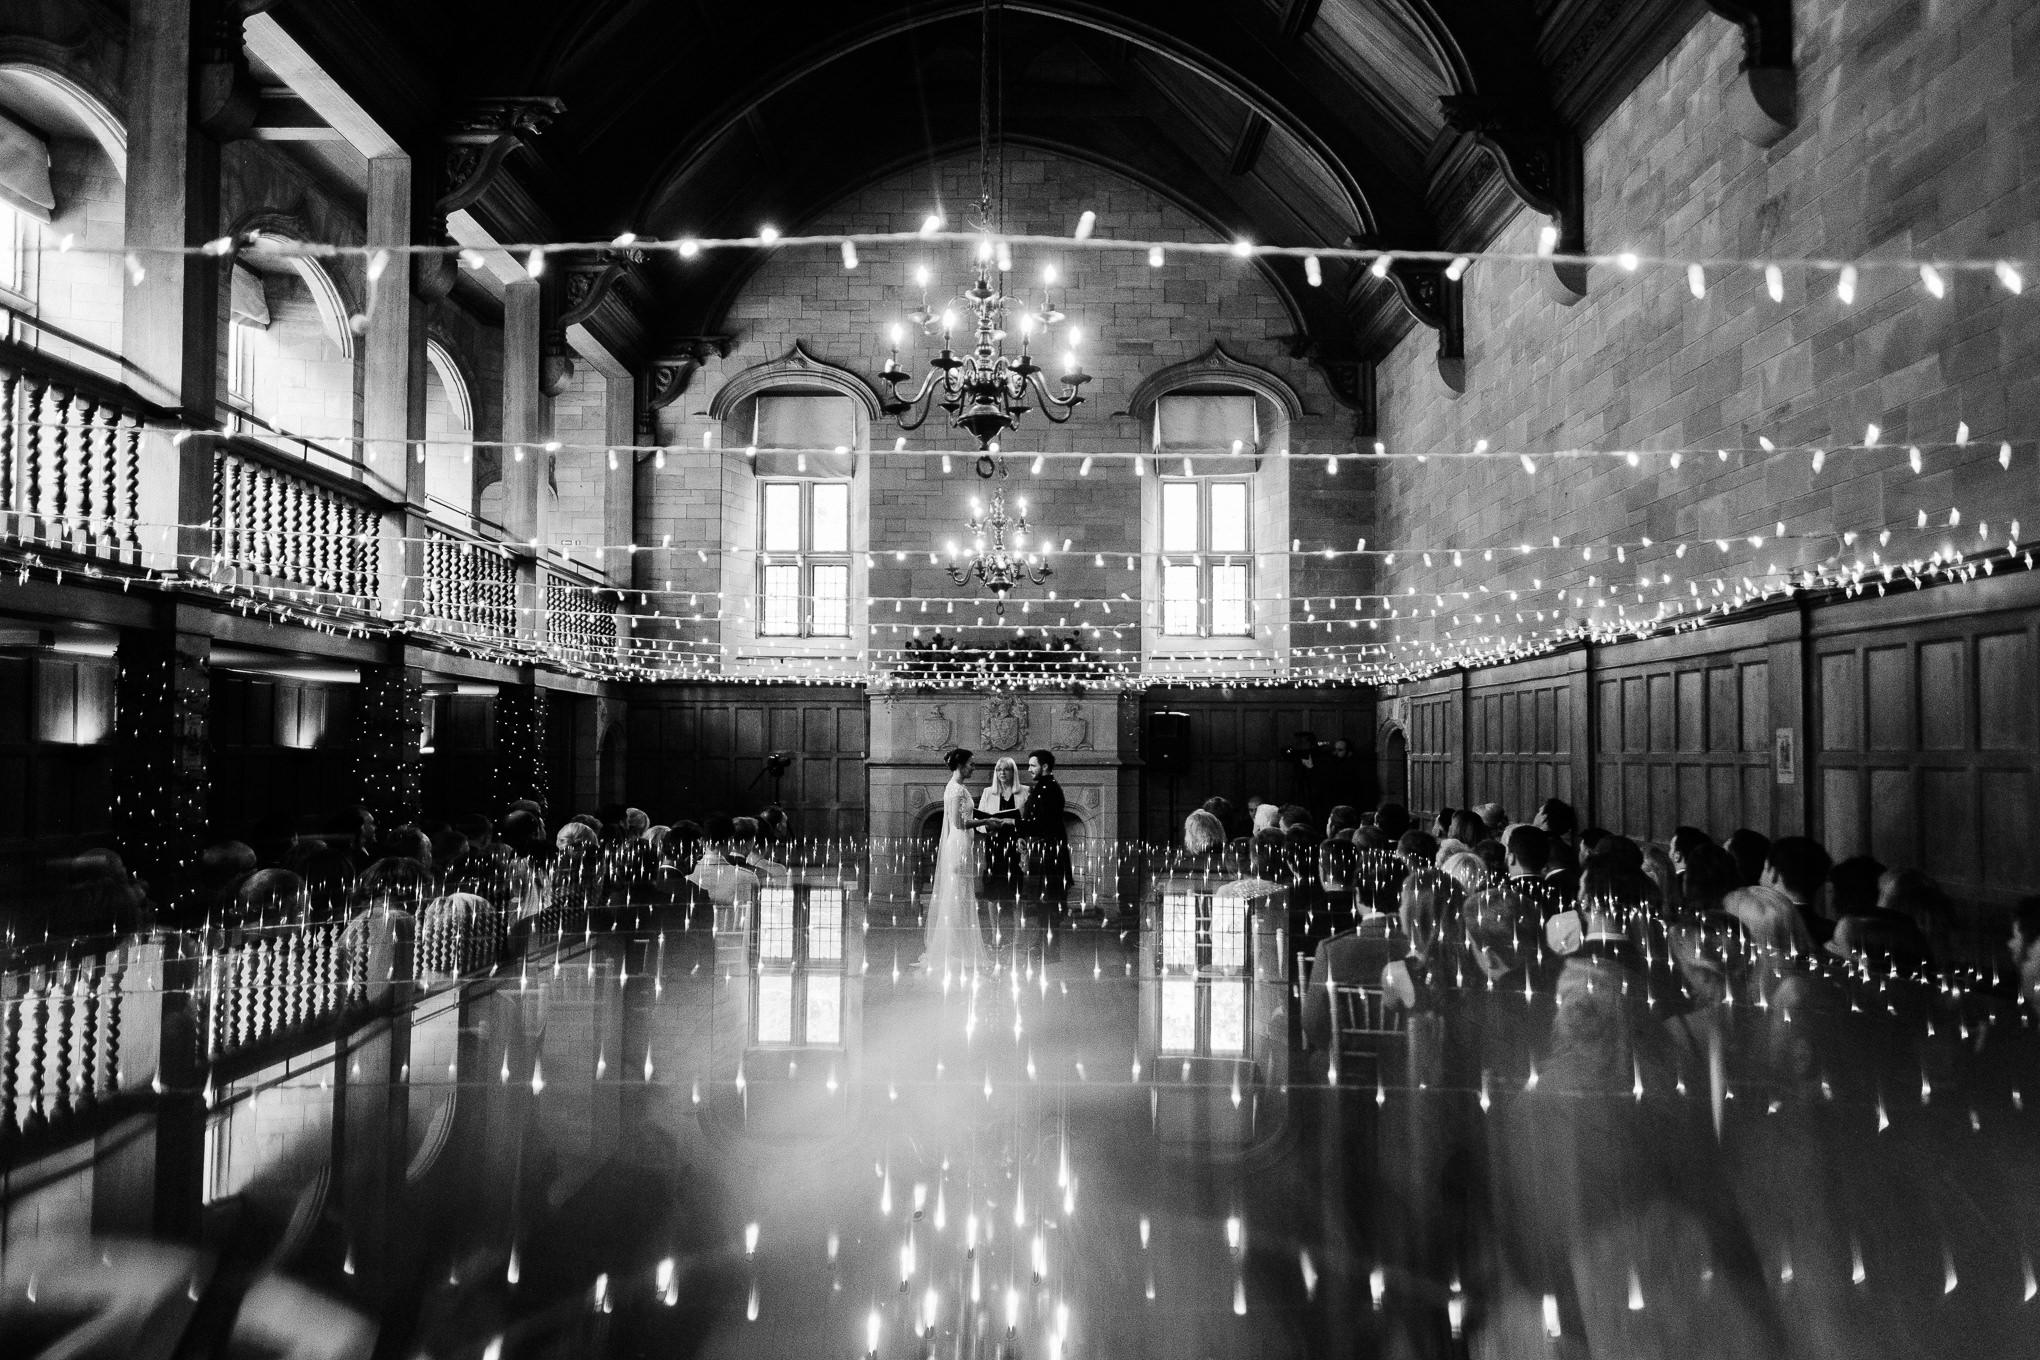 20171209_Achnagairn Estate Wedding_005.jpg